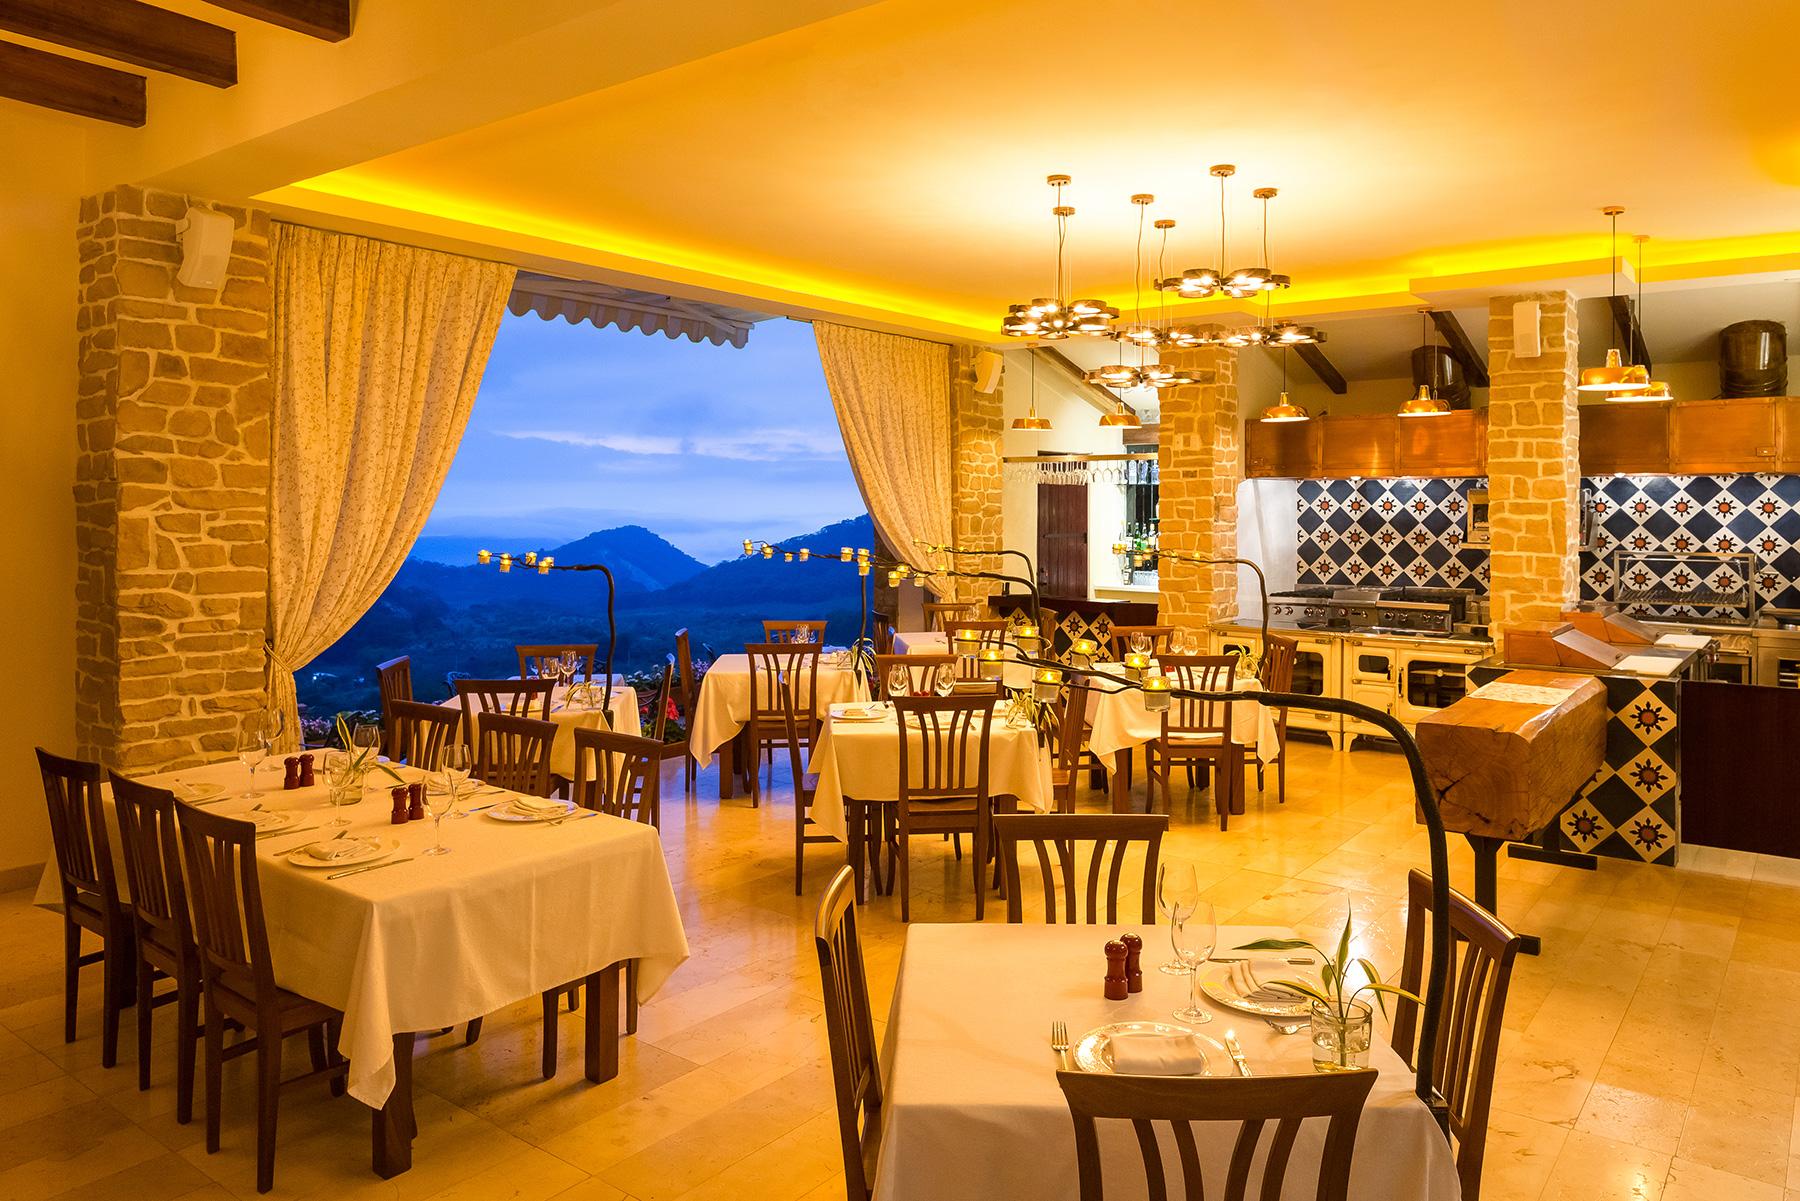 Villa Nogal, cocina franco-mexicana en San Sebastián del Oeste, Jalisco